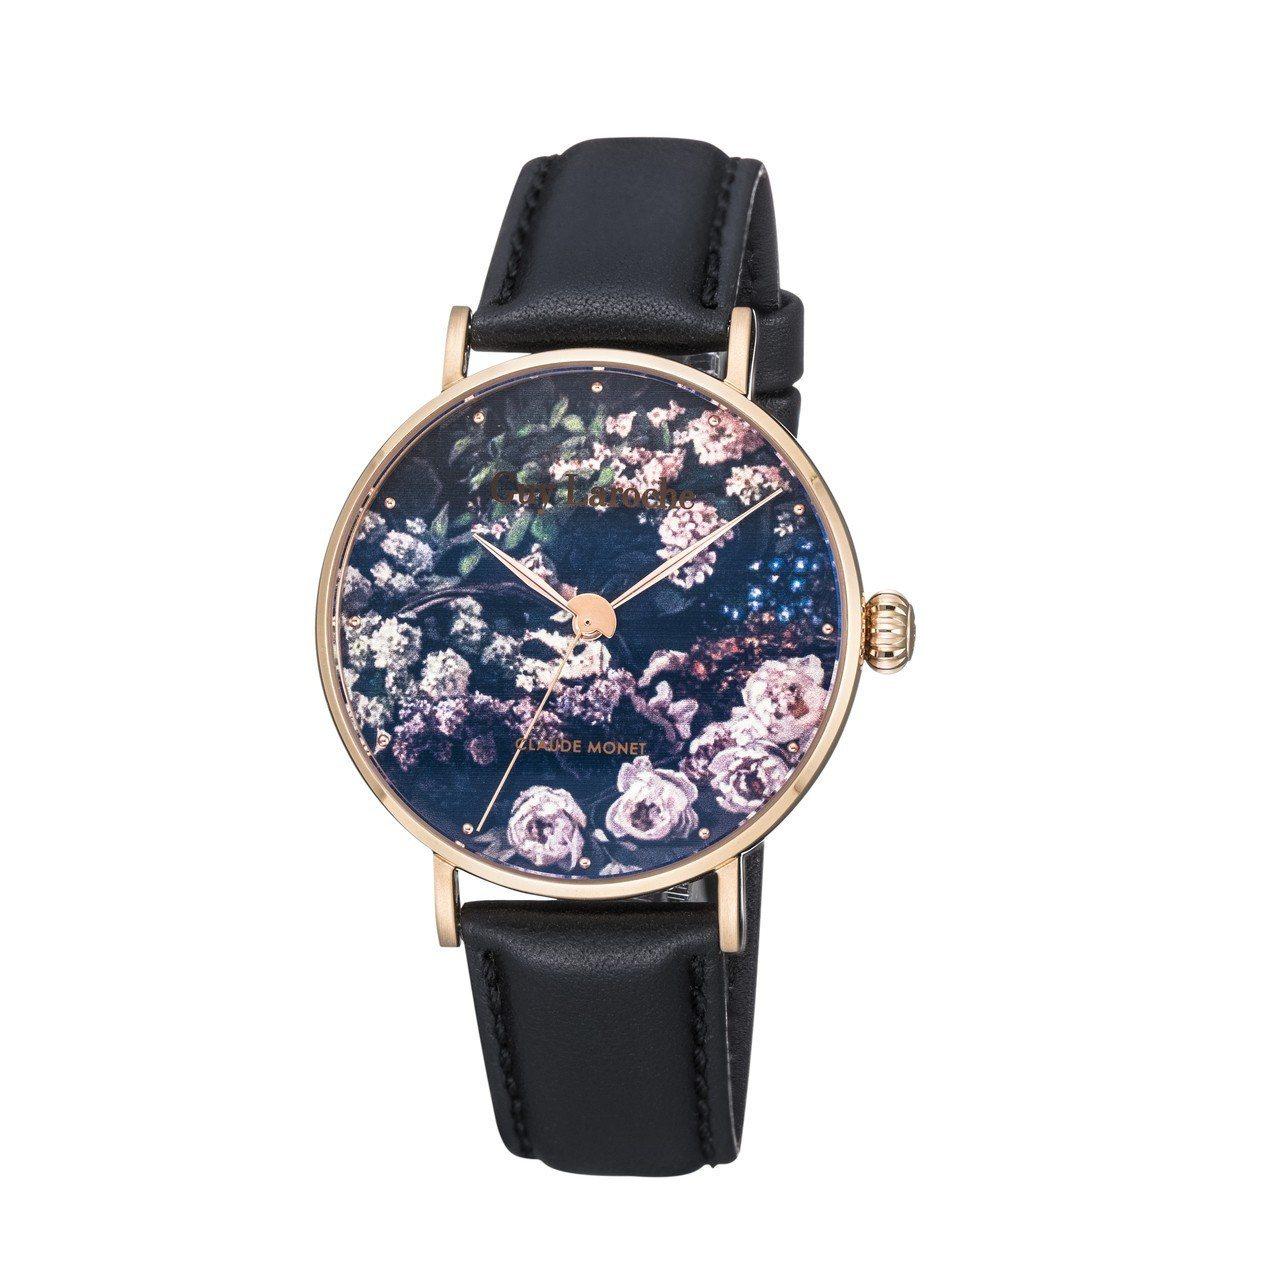 姬龍雪 Art Watch系列莫內「春天的花」( Spring Flower)腕...